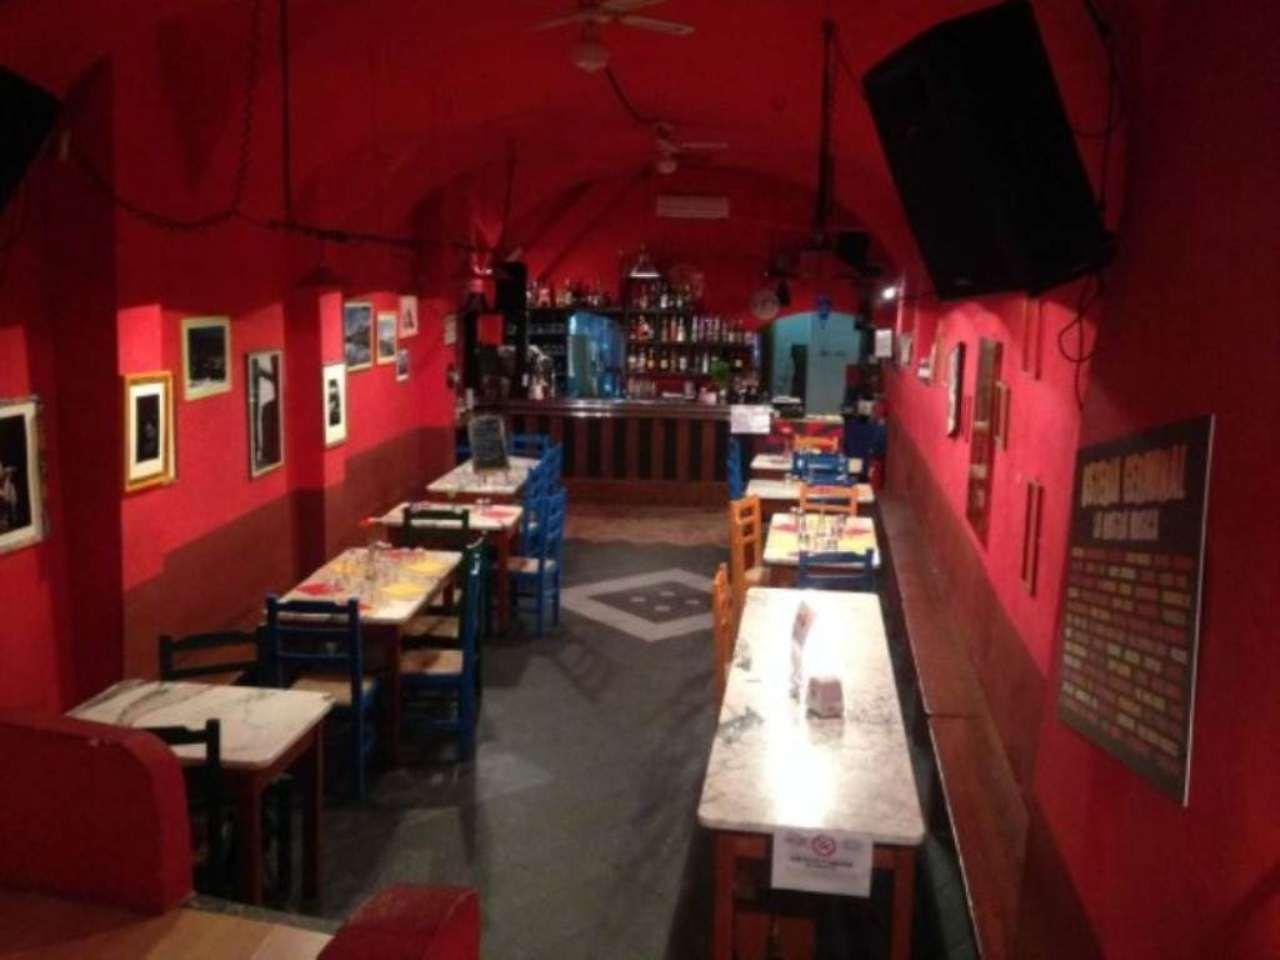 Ristorante / Pizzeria / Trattoria in vendita a Taggia, 2 locali, prezzo € 35.000 | Cambio Casa.it